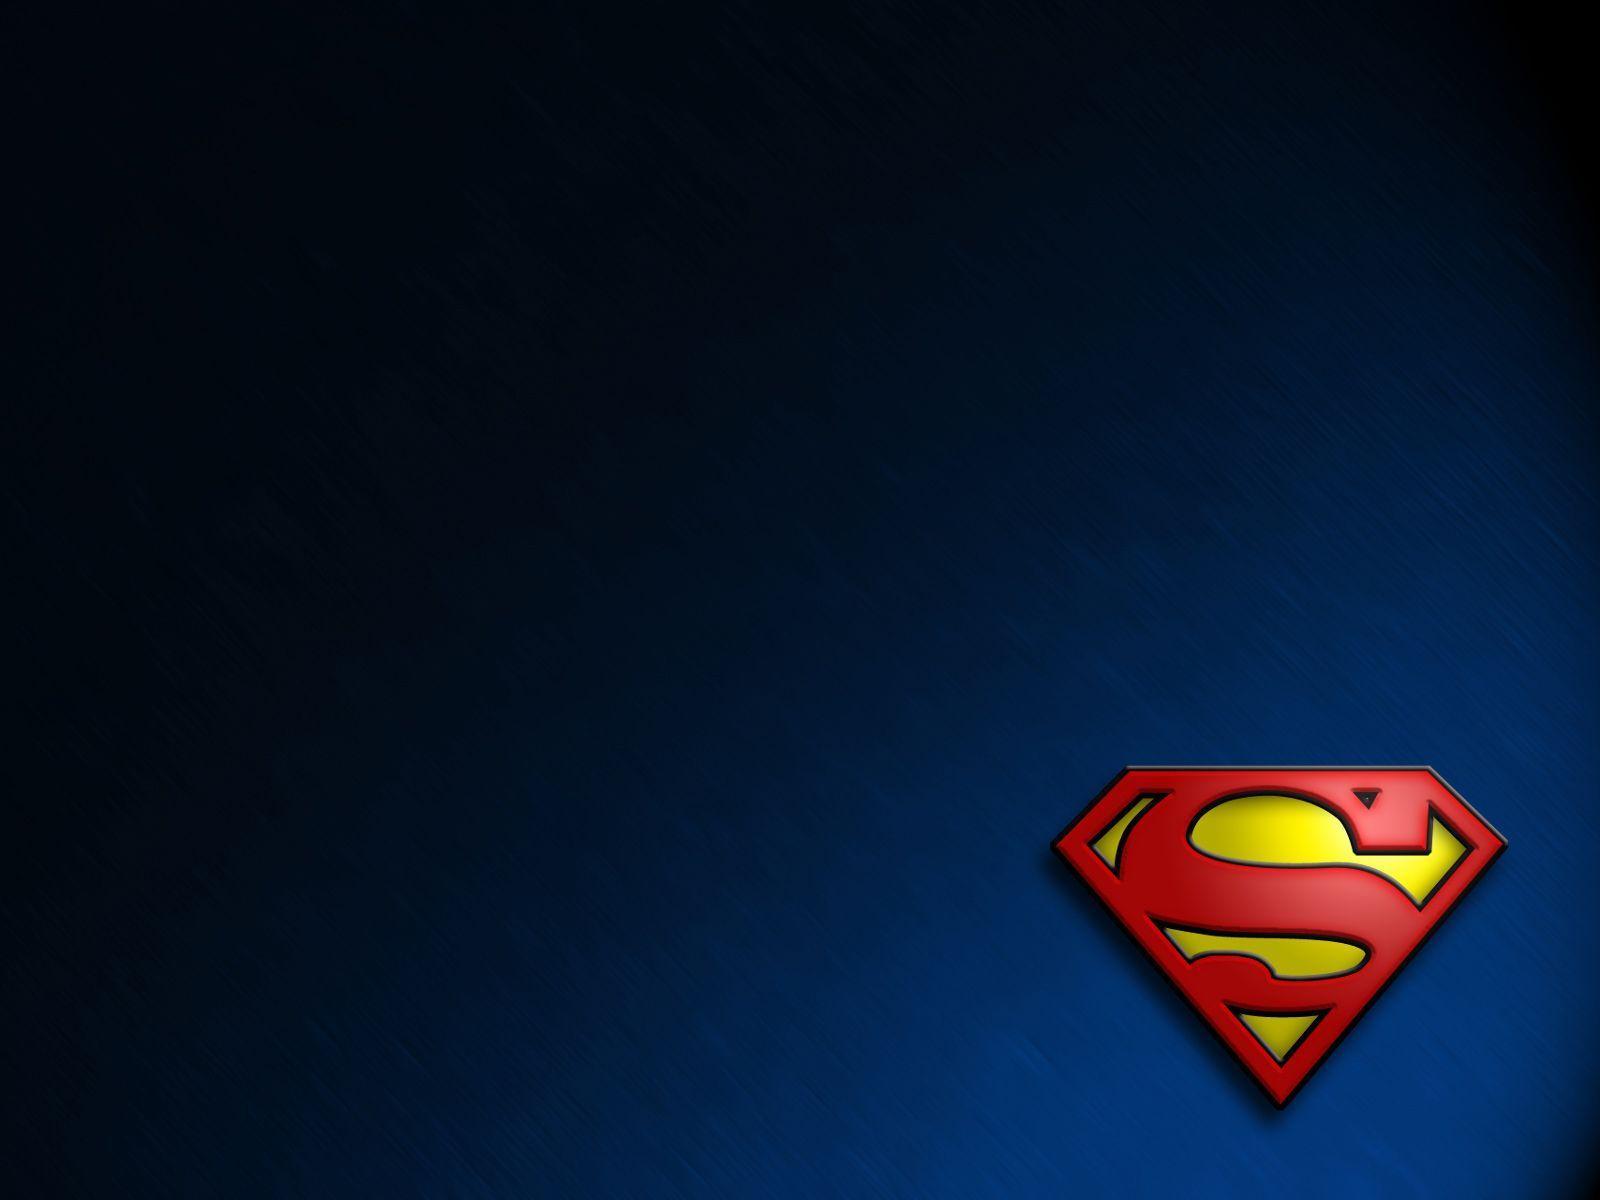 cool hero team logo wallpaper -#main